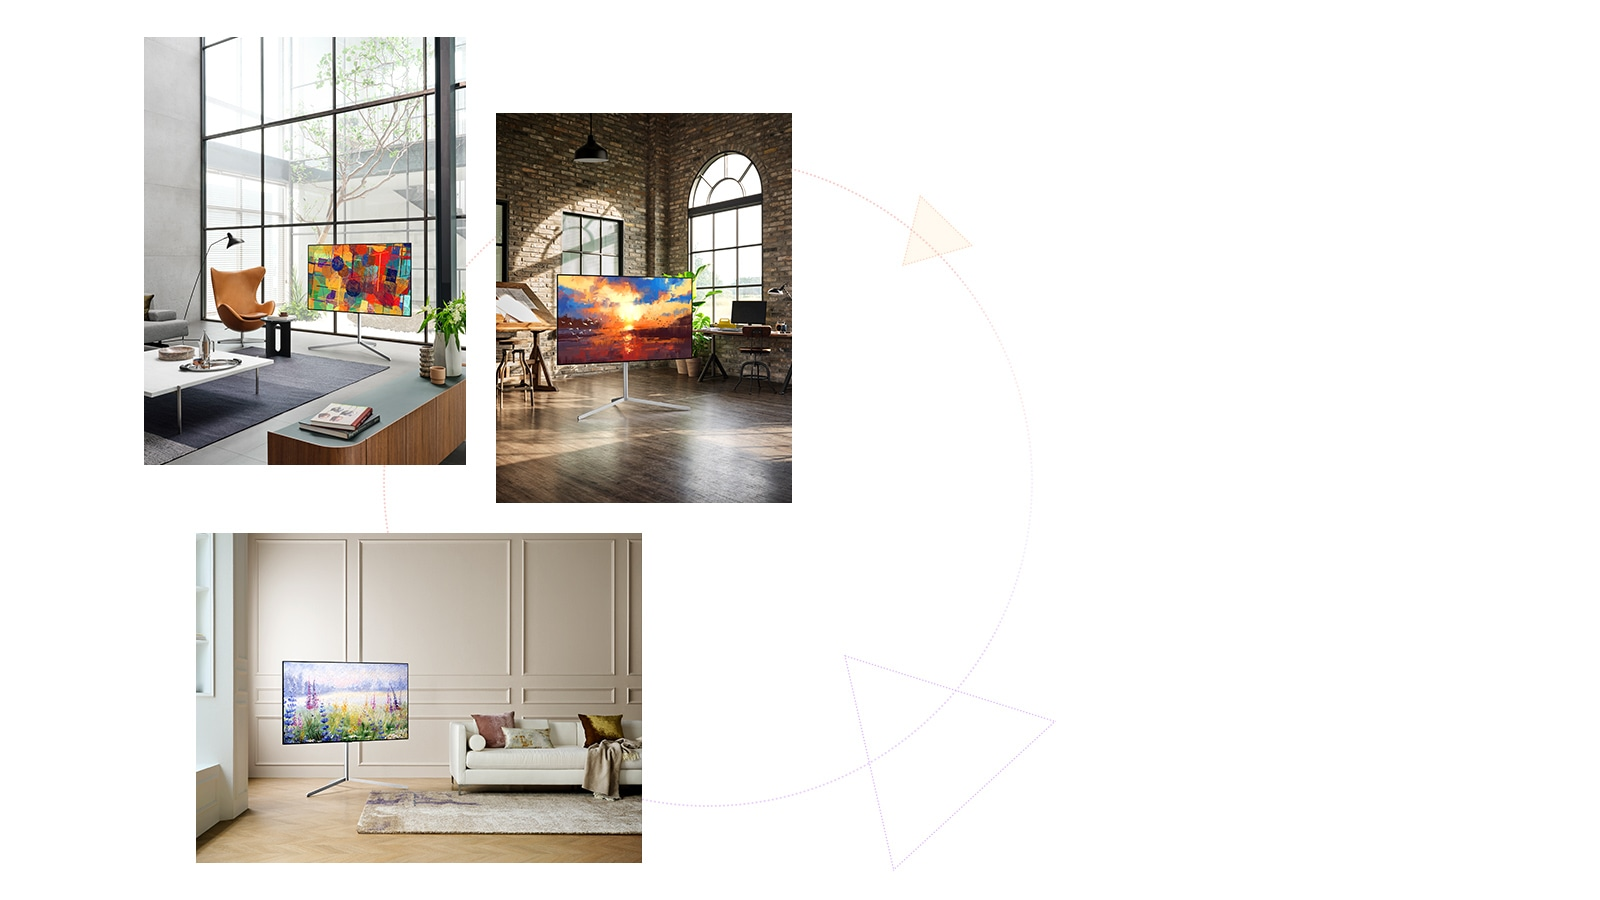 Trije televizorji Gallery Design s podstavkom, ki privlačijo pozornost kot umetniška dela kjer koli